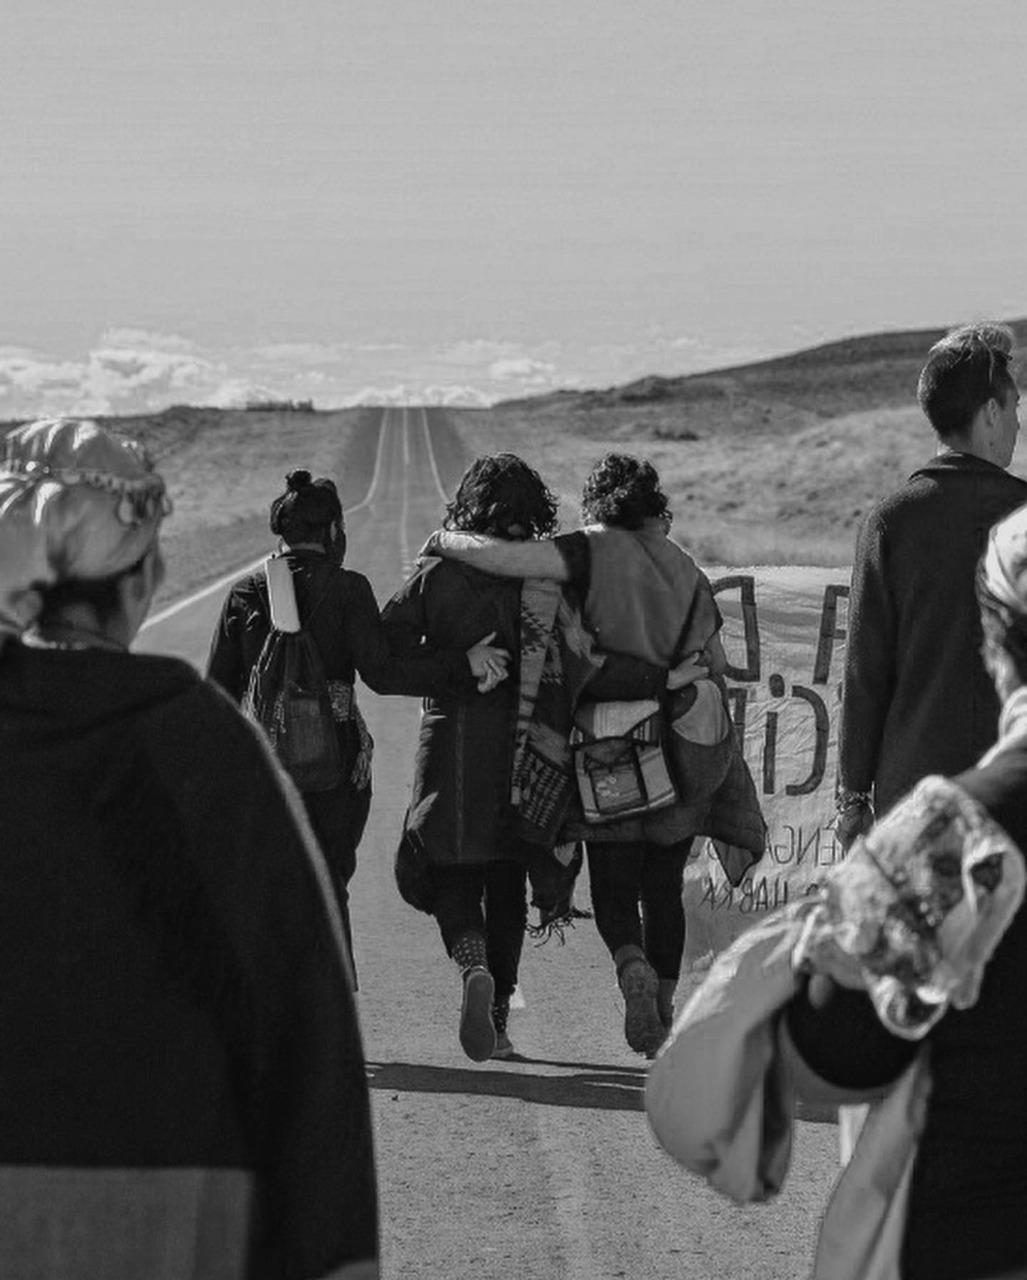 El Movimiento de Mujeres Indígenas llega a Buenos Aires: con la fuerza de las ancestras, caminando por el buenvivir